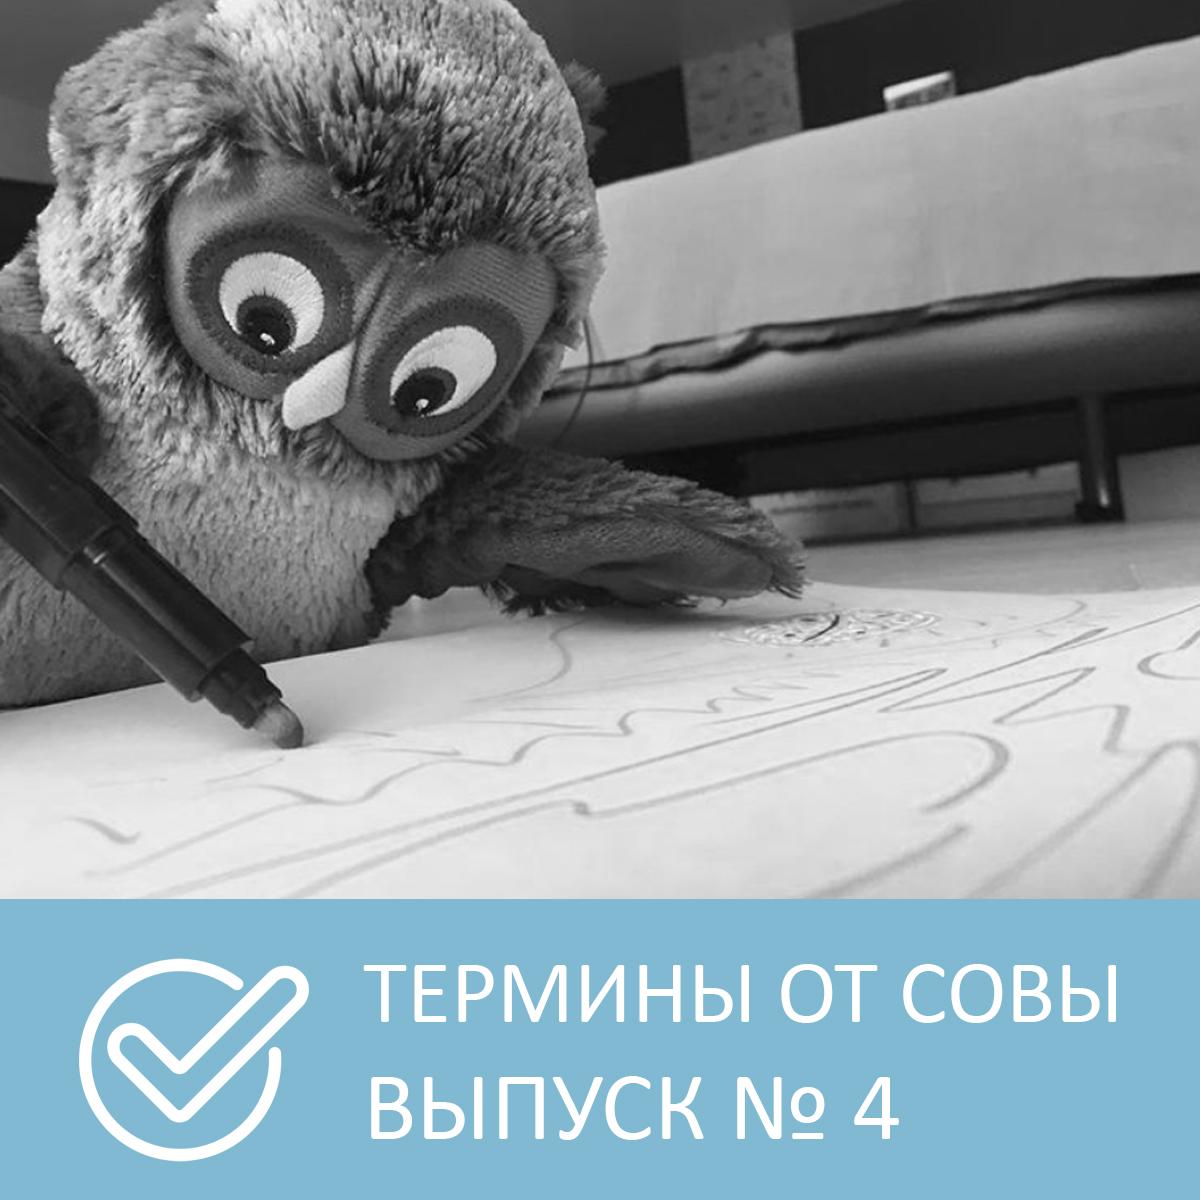 Петровна Термины от Совы – Выпуск 4 цена